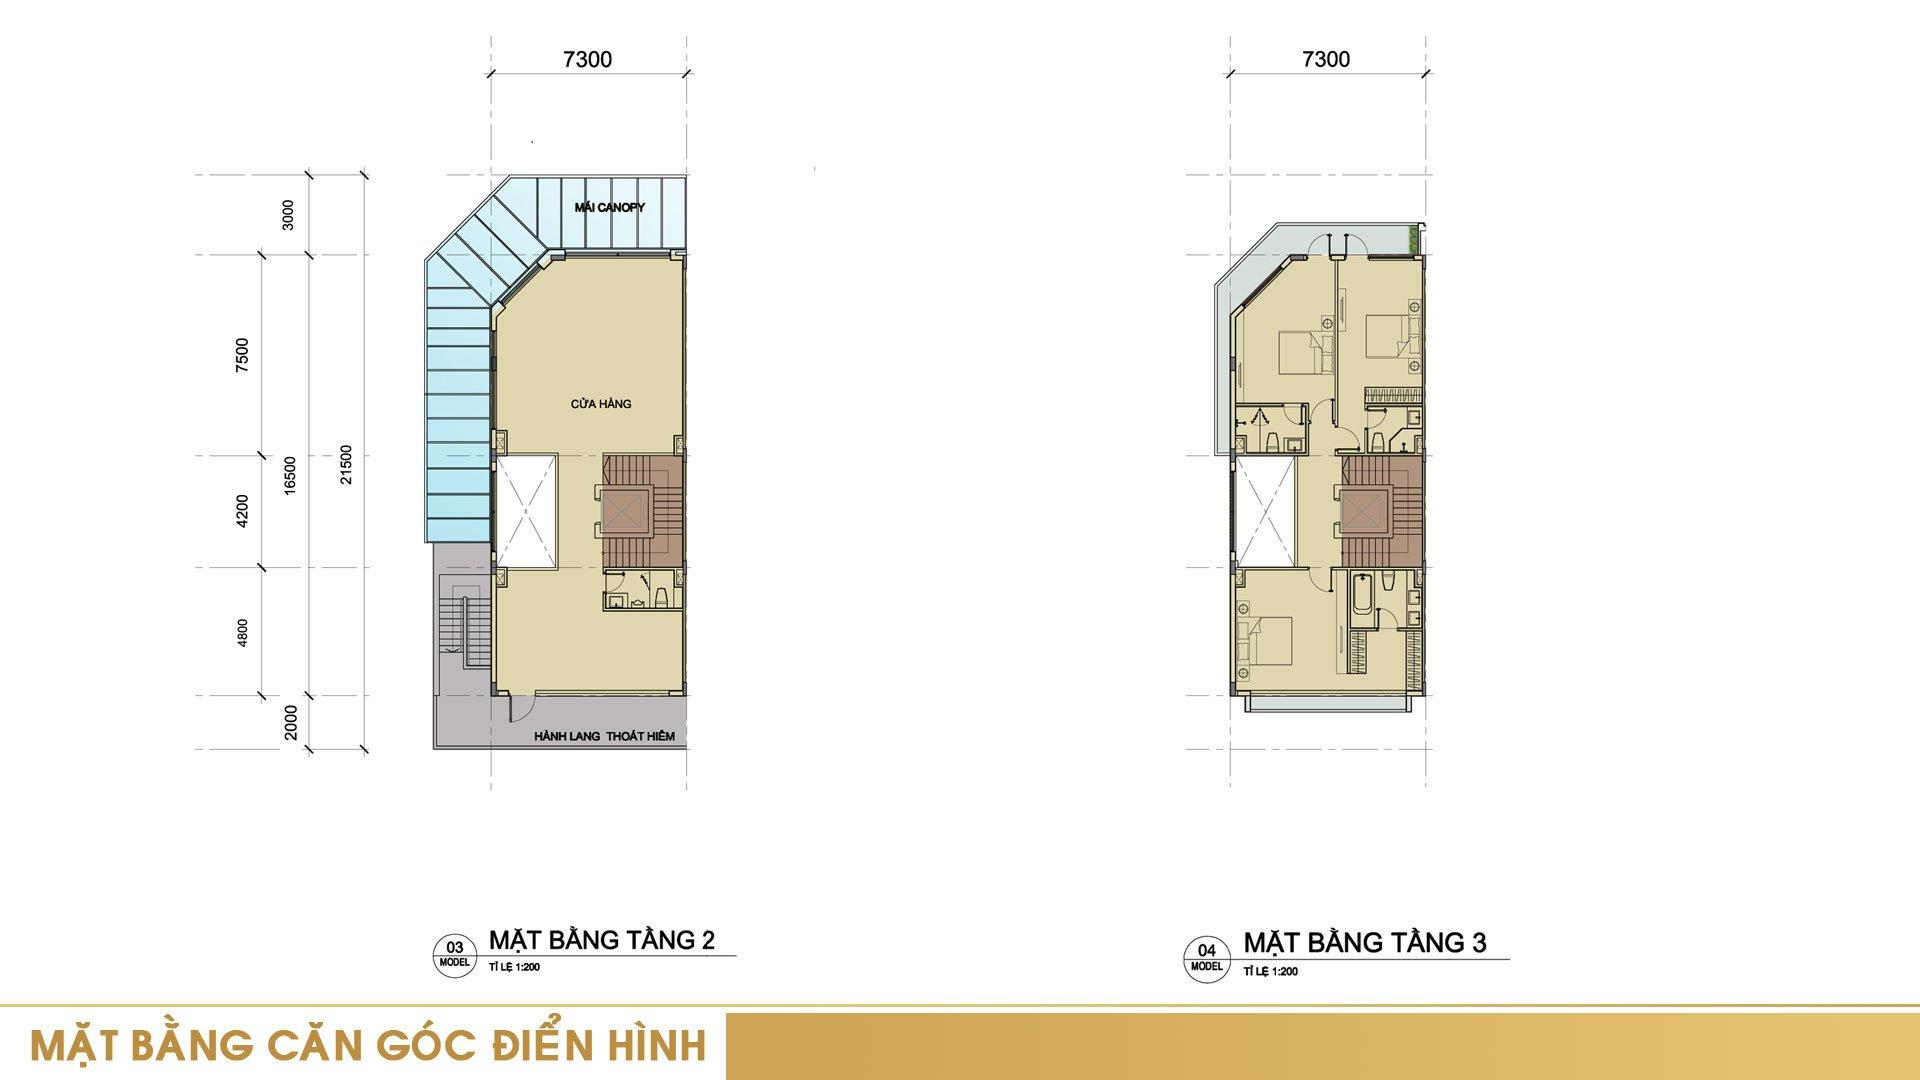 Mặt bằng tầng 2 và tầng 3 căn góc điển hình tại khu nhà phố Sari Town